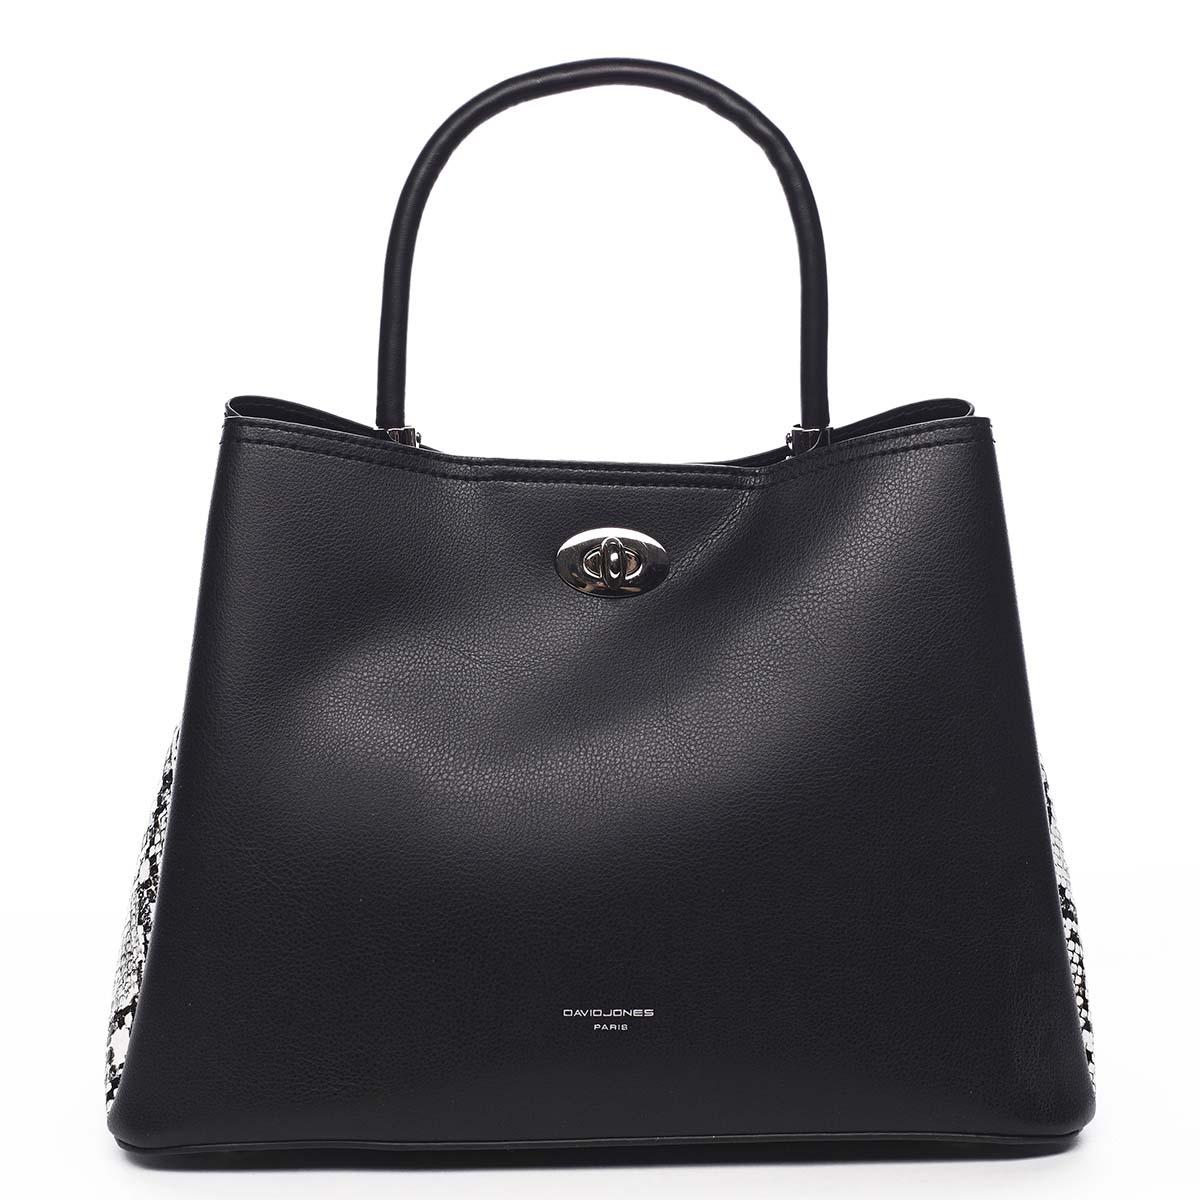 Dámská kabelka černá - David Jones Prestique